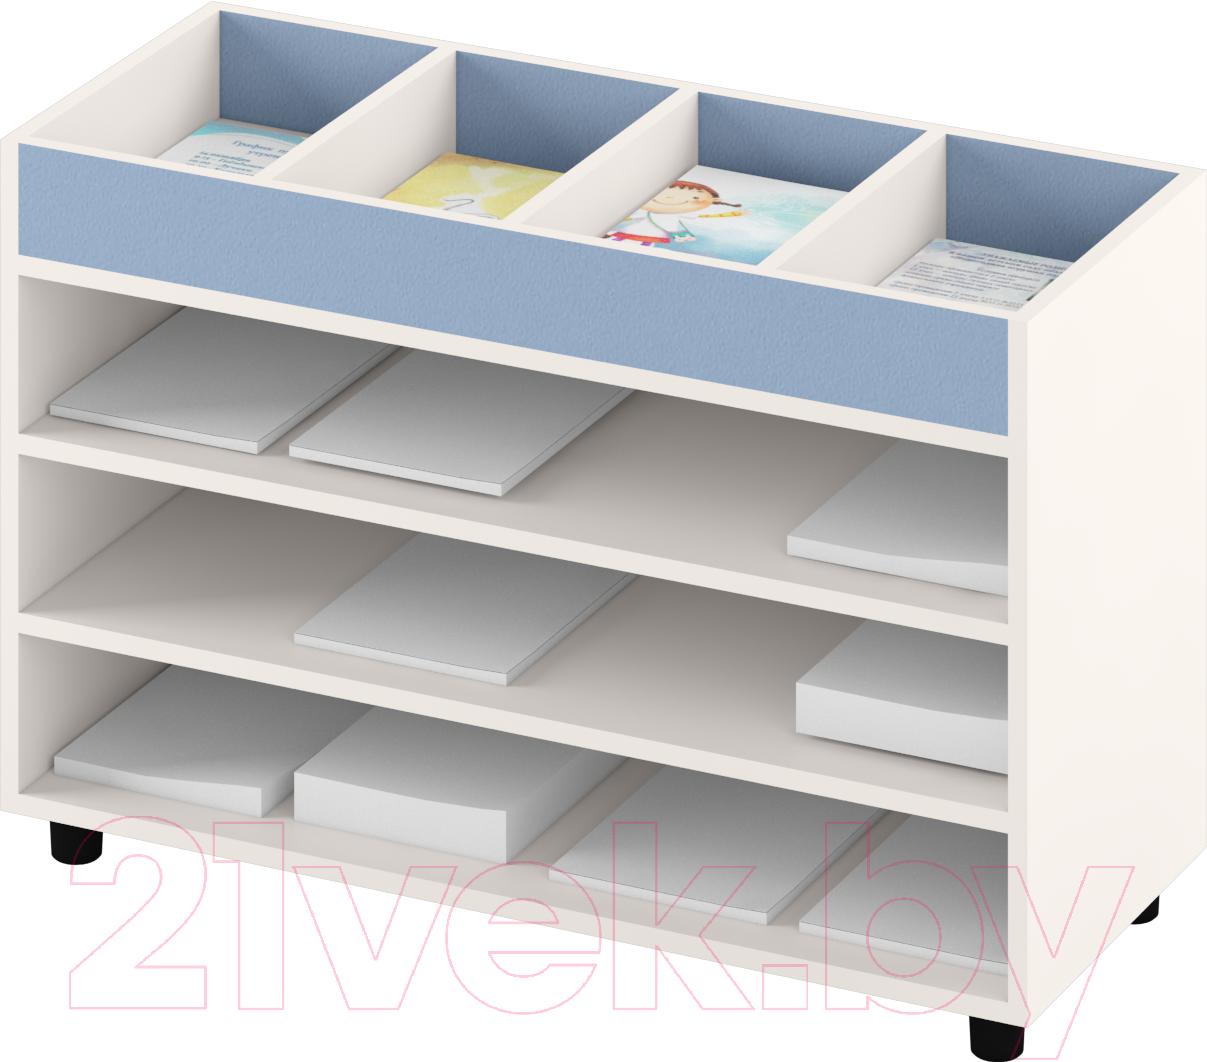 Купить Система хранения Славянская столица, ДУ-СМ5 (белый/синий), Беларусь